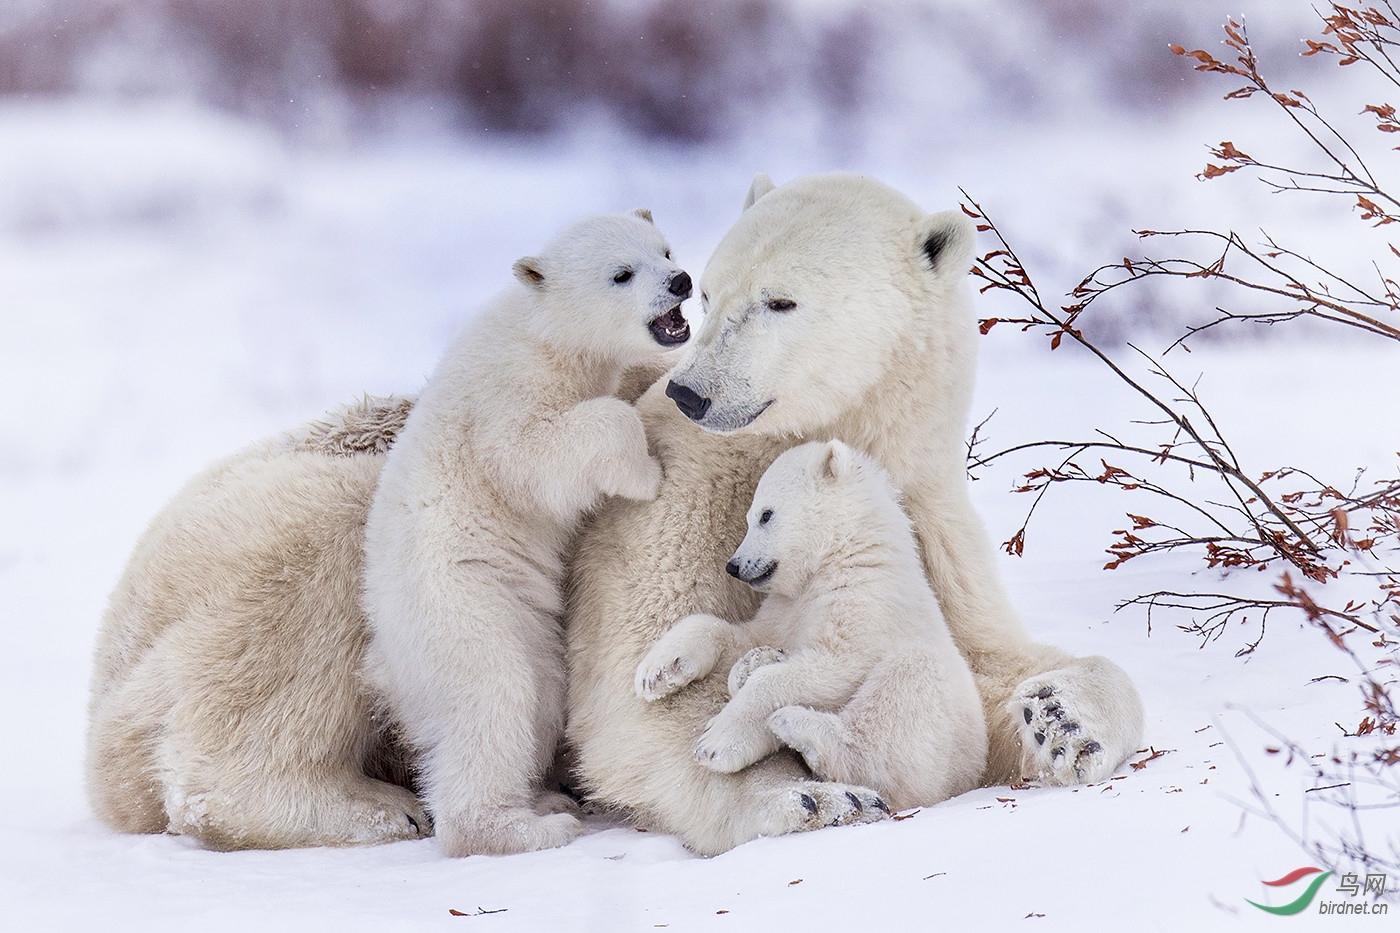 优秀HM-0164.四只北极熊wxy129-pic-5b9bd7b888d30.jpg